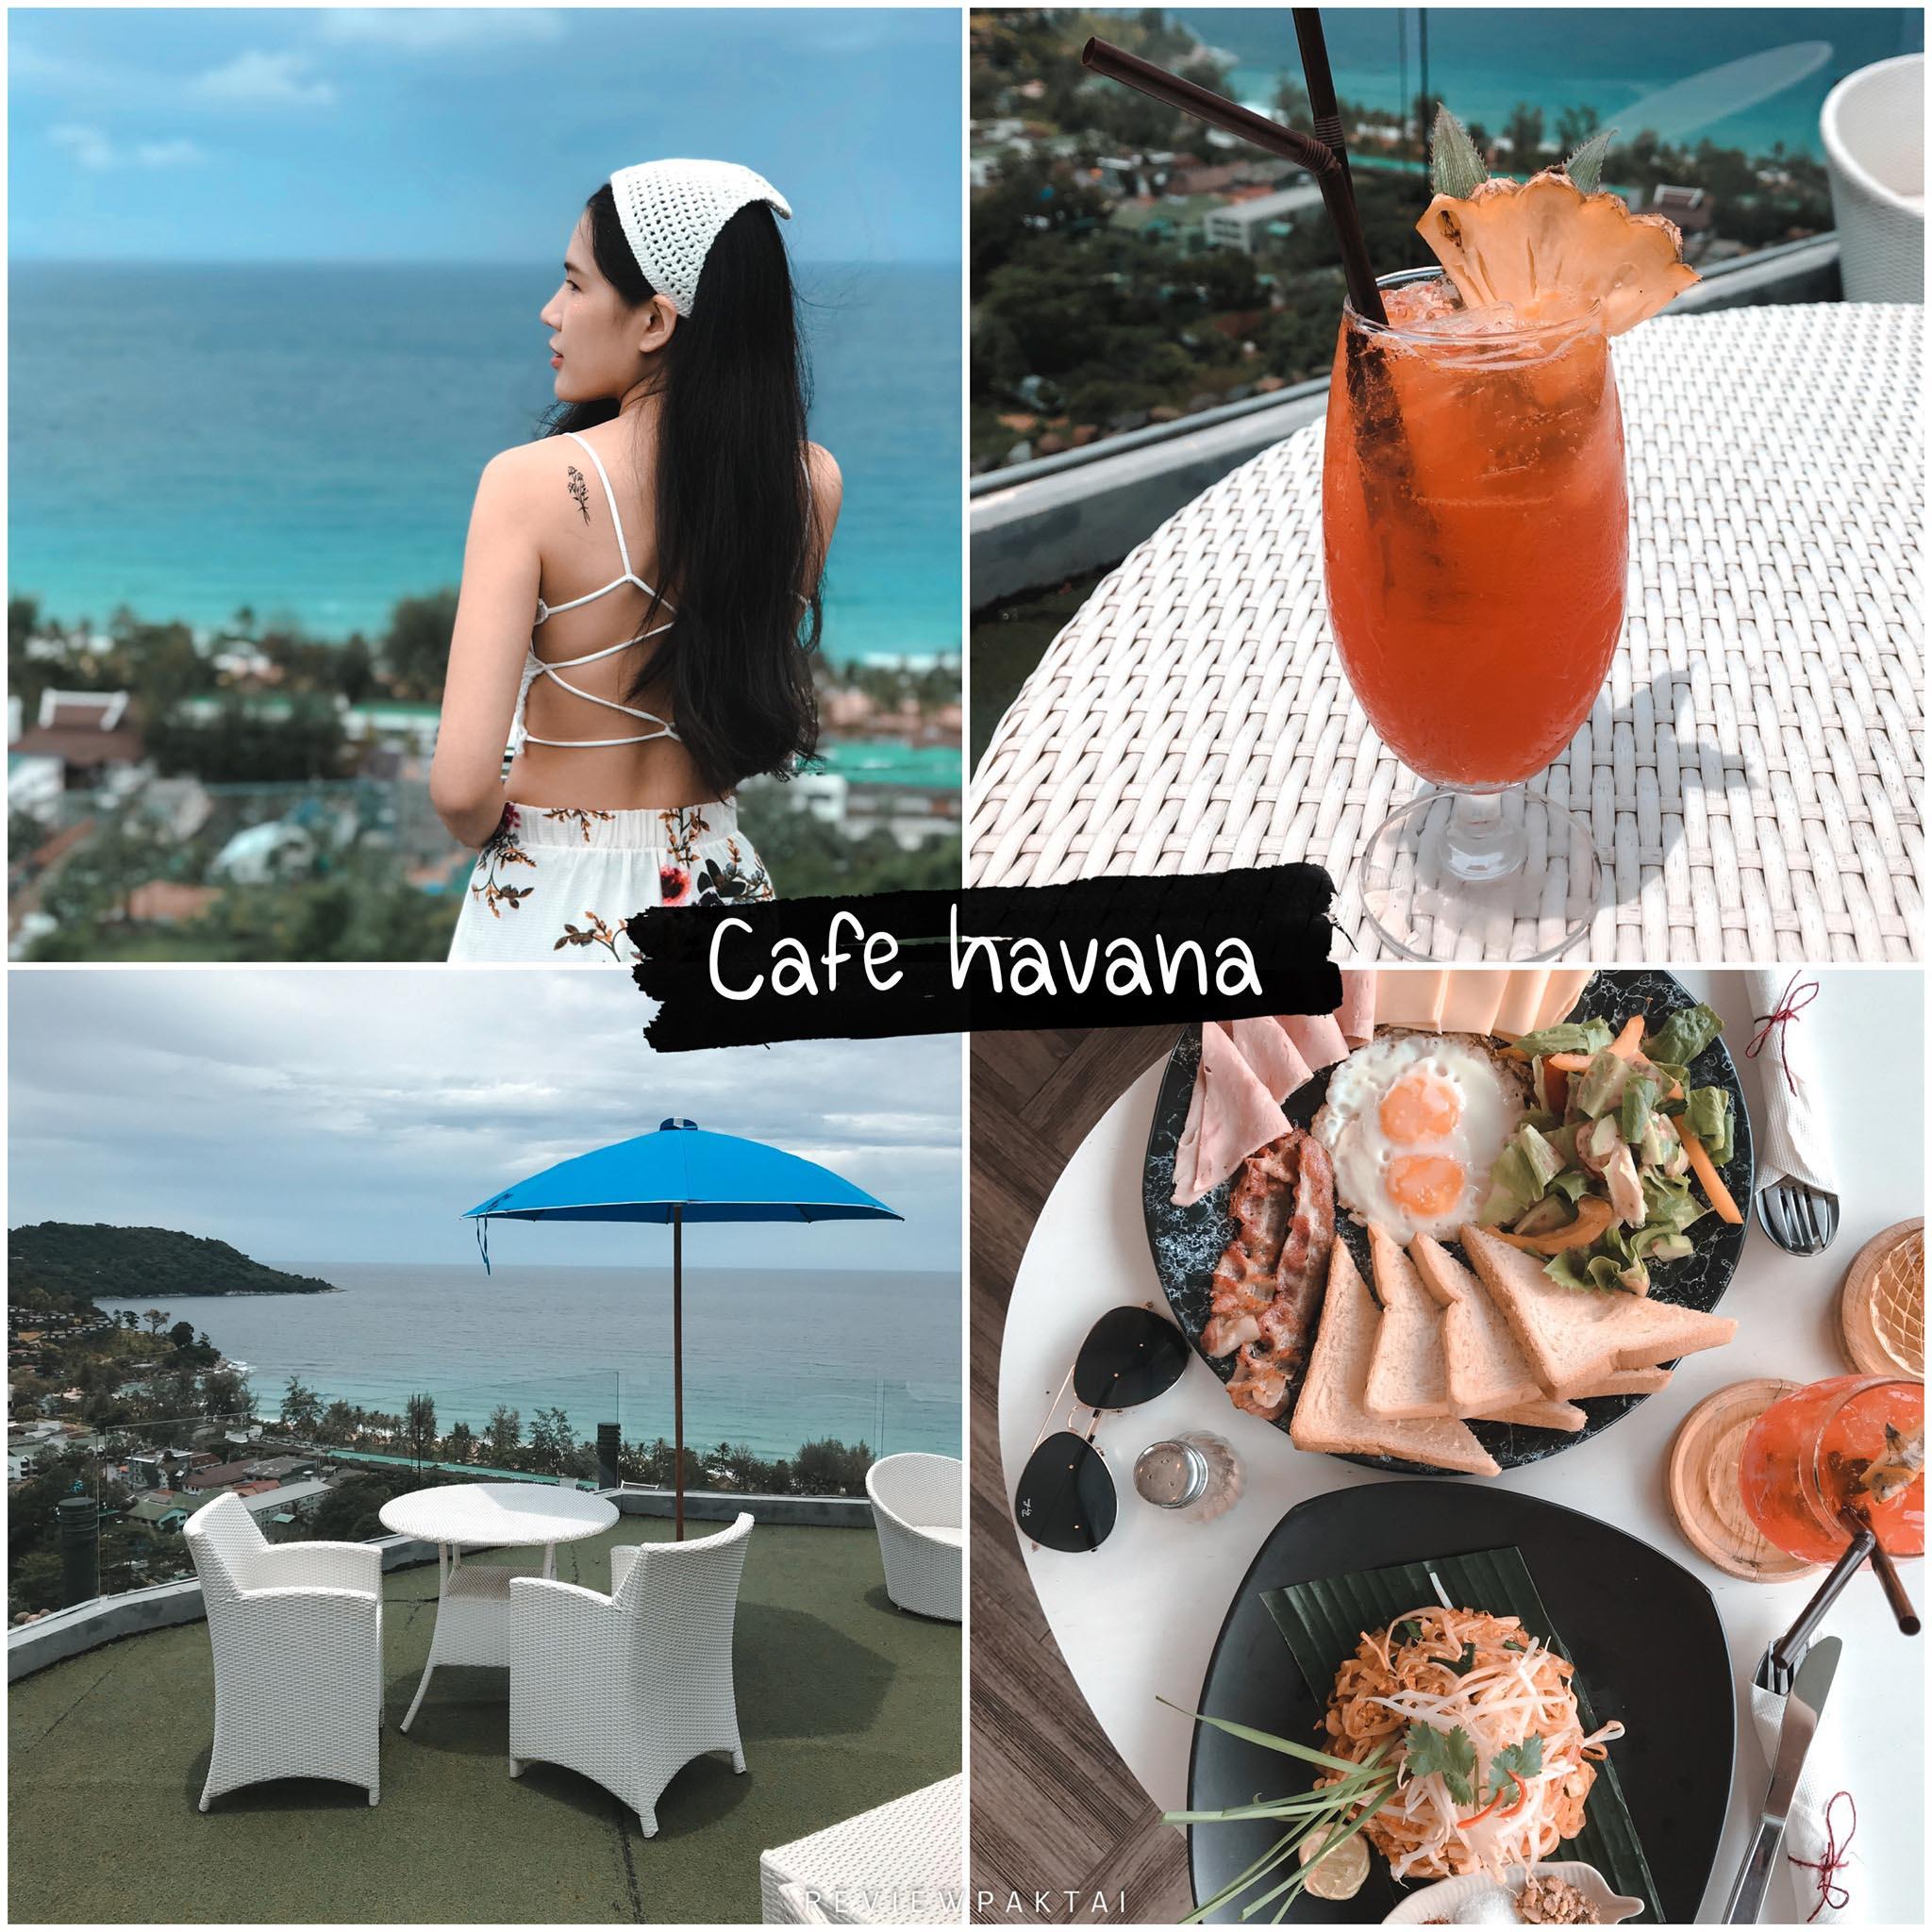 Cafe-Havana ปักหมุดเช็คอินกันกับ-ร้าน-Cafe-Havana-ราคาหลักร้อยวิวหลักล้าน-ตกแต่งสไตล์แบบโมเดิร์น-บรรยากาศร้านโล่งเย็นสบาย  ภูเก็ต,คาเฟ่,ที่เที่ยว,ร้านกาแฟ,เด็ด,อร่อย,ต้องลอง